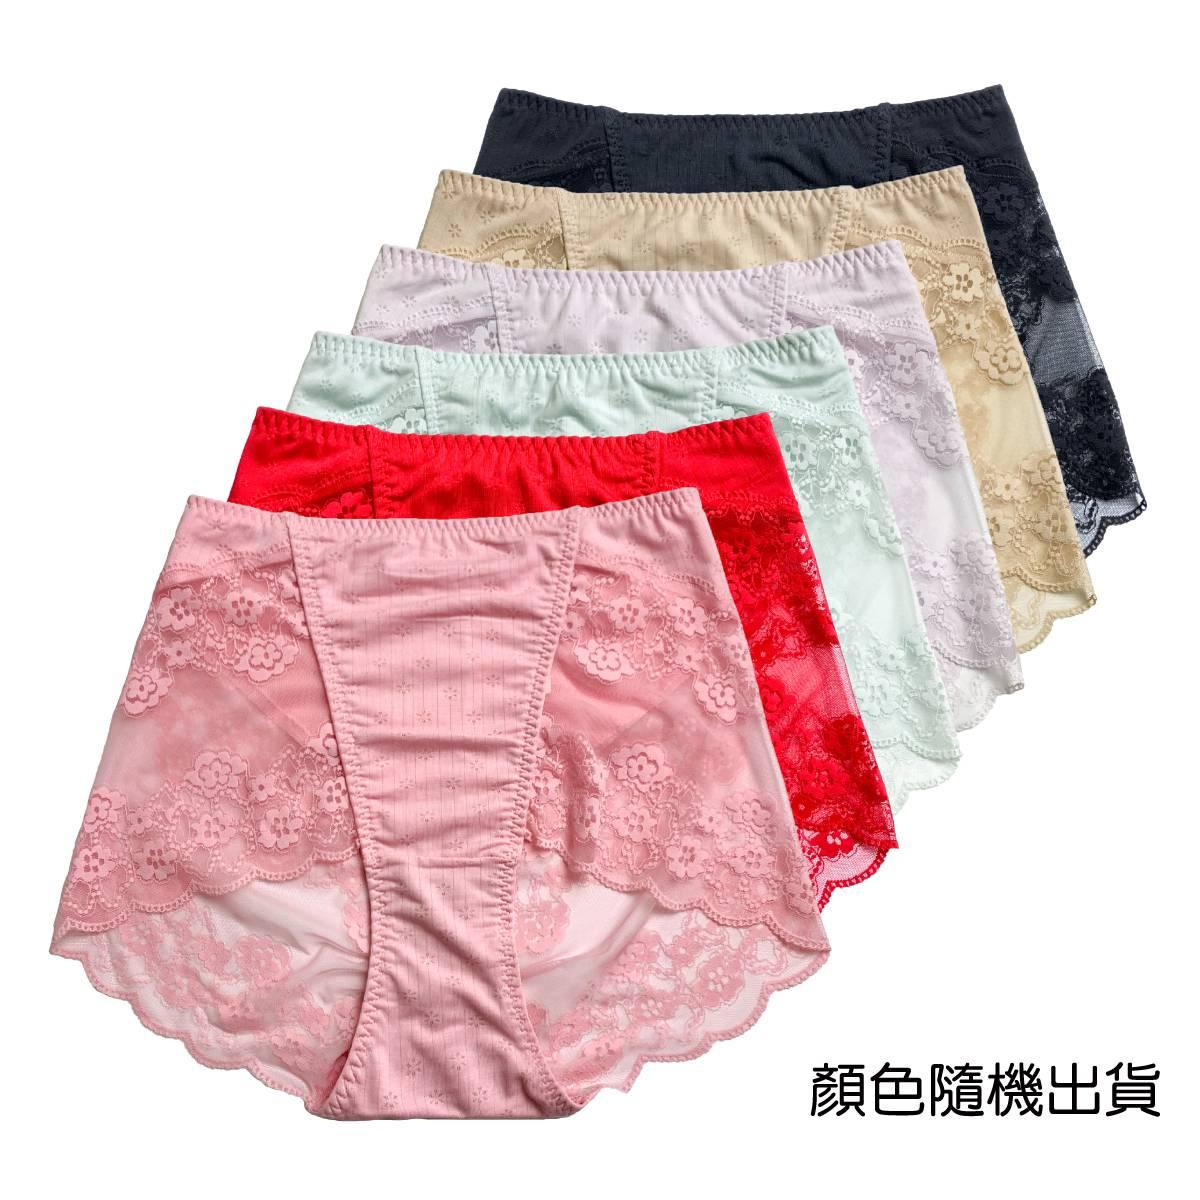 【羋亞可】膠原蛋白保濕抑菌裡布女內褲0202 中高腰 XL碼(顏色隨機出貨)